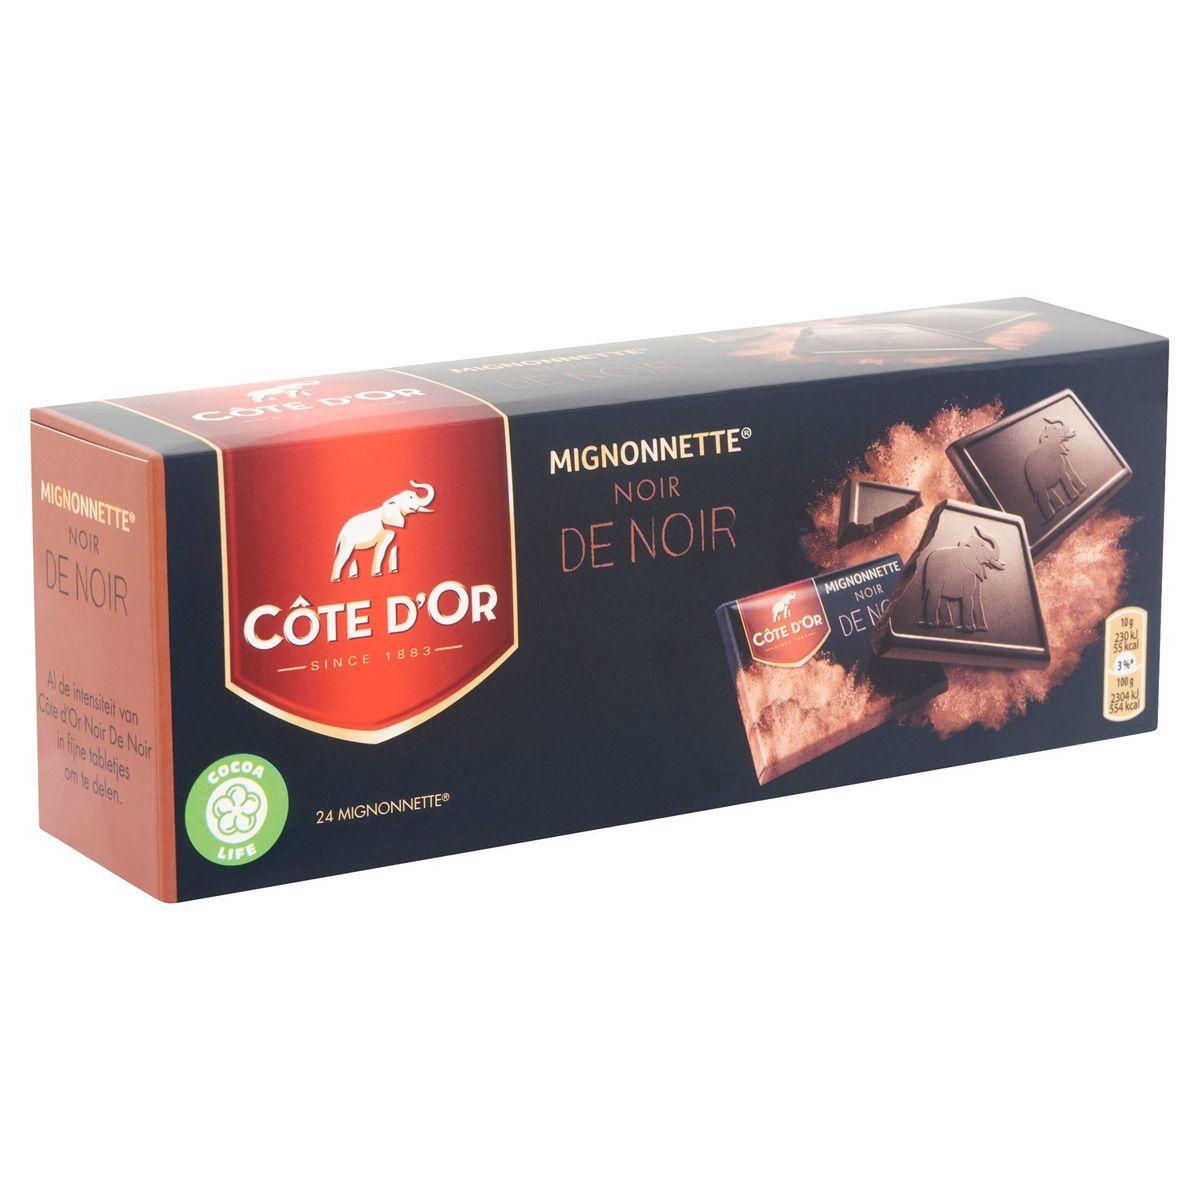 Côte d'Or Mignonnette Noir de Noir 24 Pièces 240 g